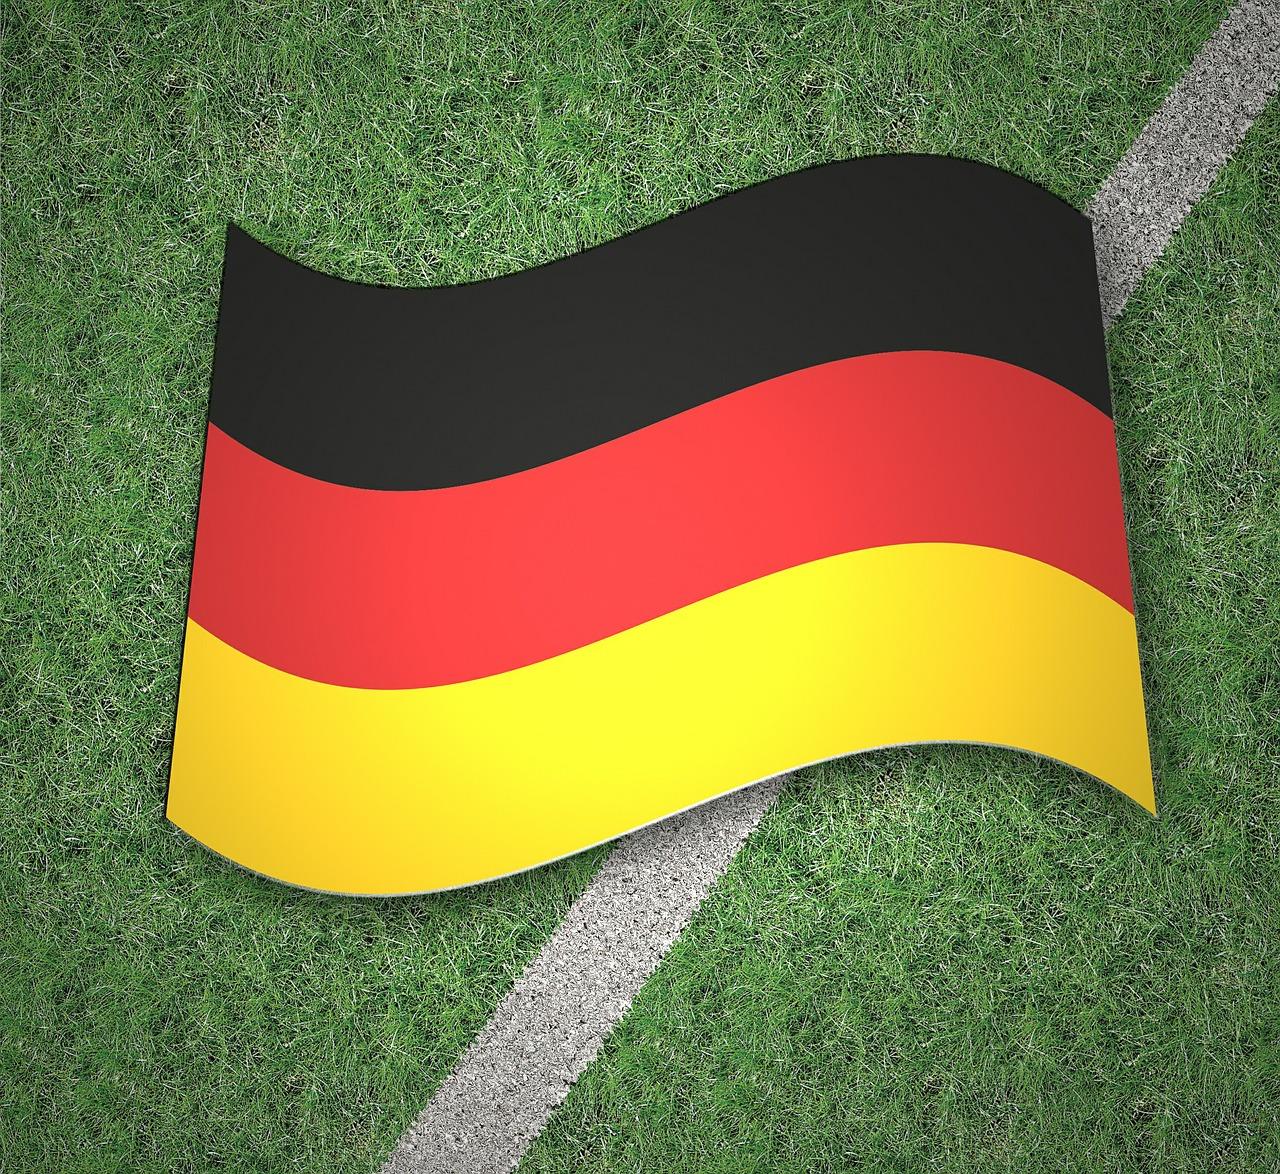 Fußball-Vokabular Deutsch/English/Kroatisch/Serbisch/…: